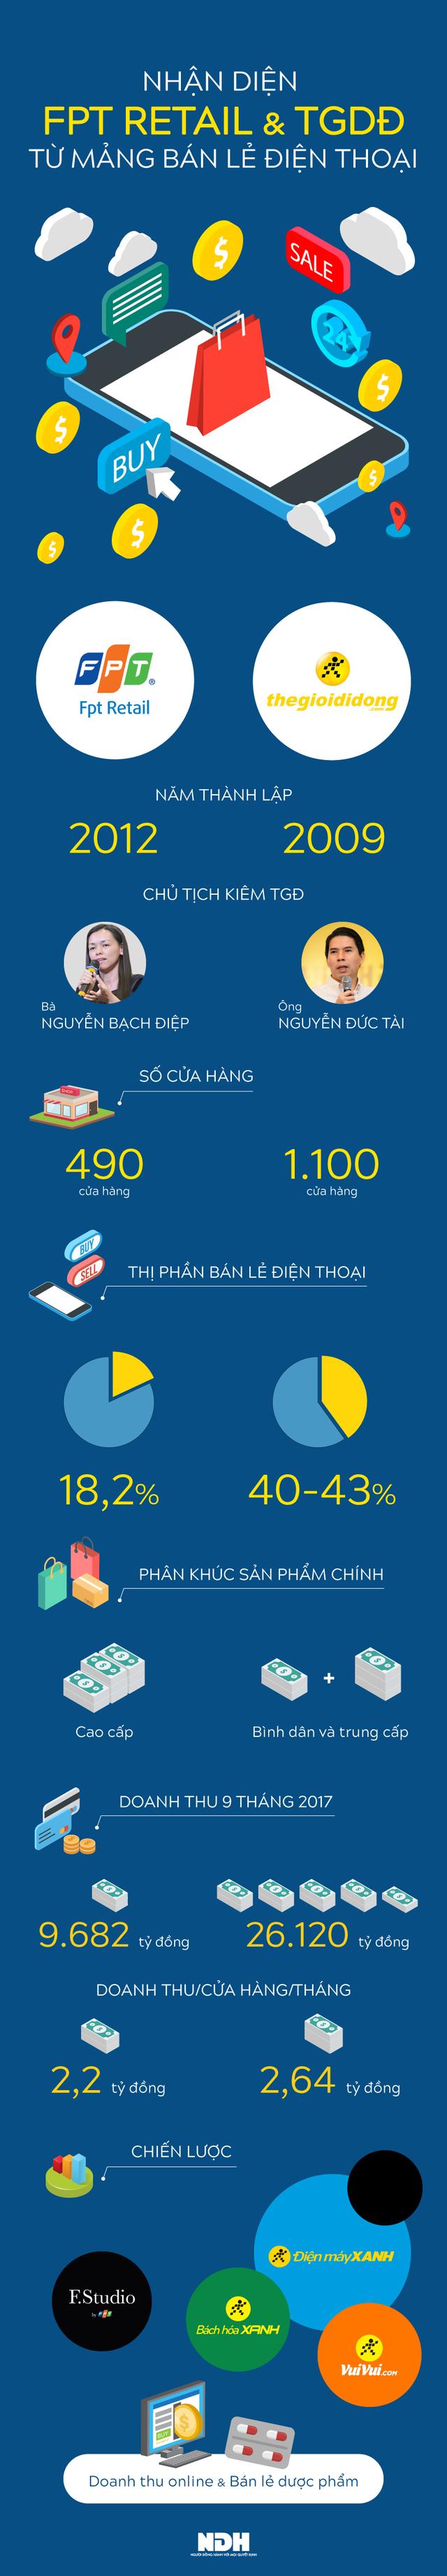 [Infographic] Khác biệt và tương đồng giữa FPT Retail và Thế Giới Di Động trong mảng bán lẻ điện thoại - Ảnh 1.